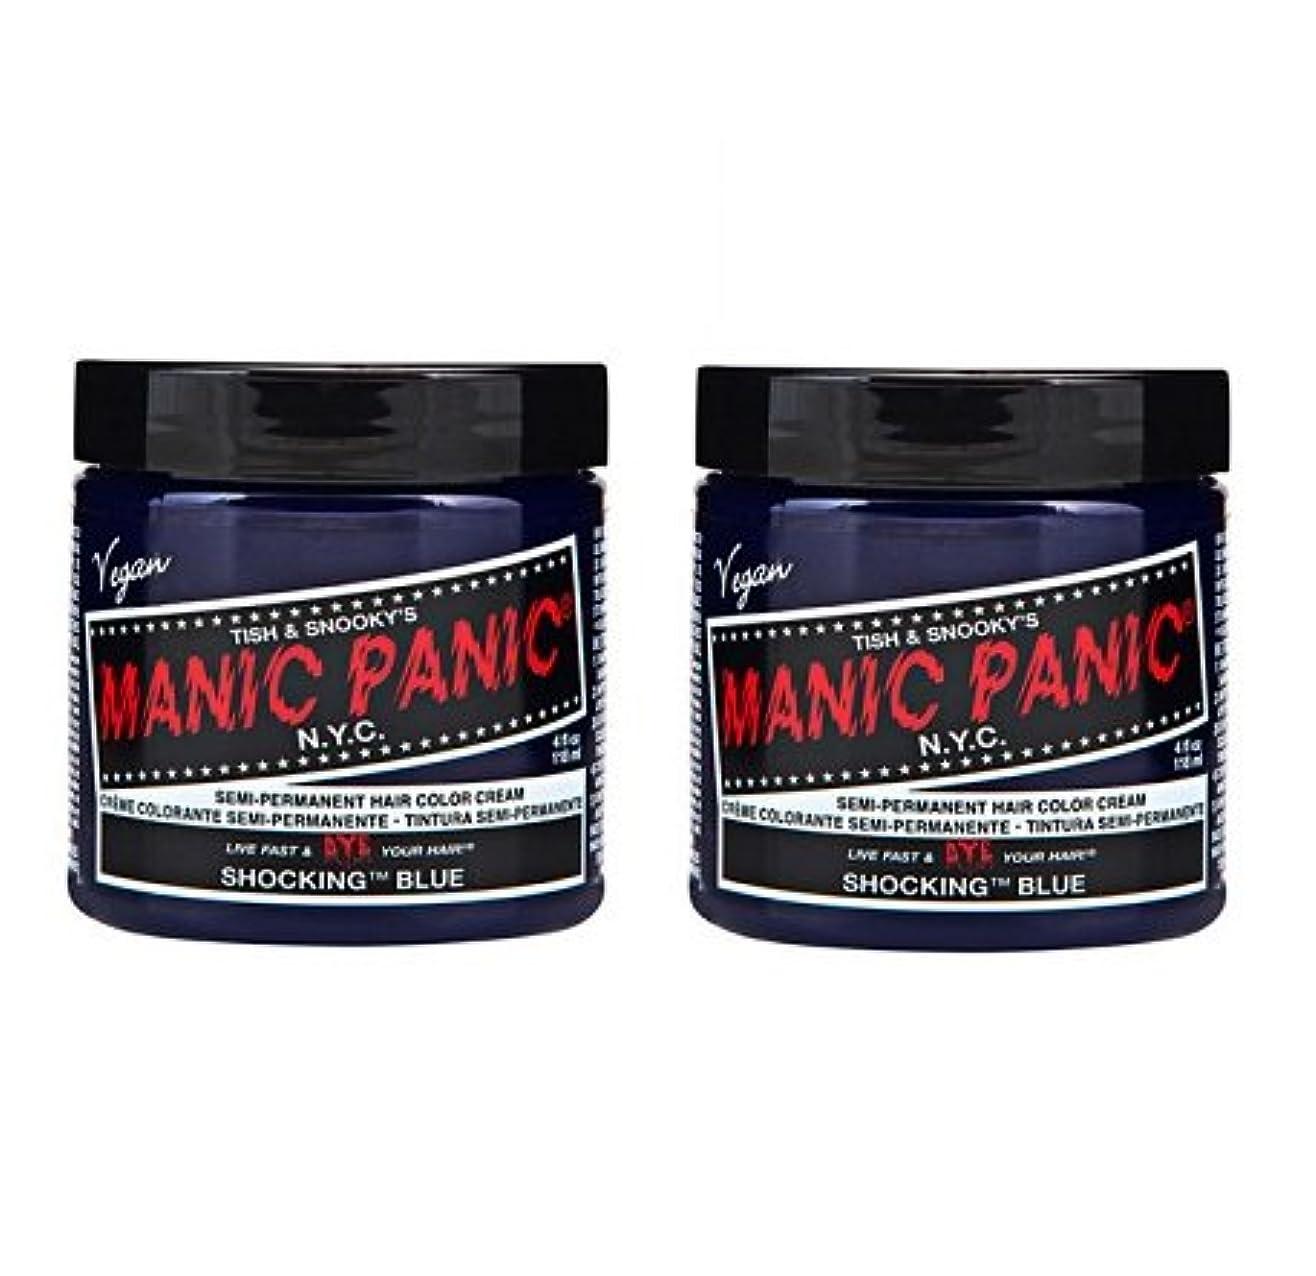 めまいが公園違反する【2個セット】MANIC PANIC マニックパニック Shocking Blue ショッキングブルー 118ml